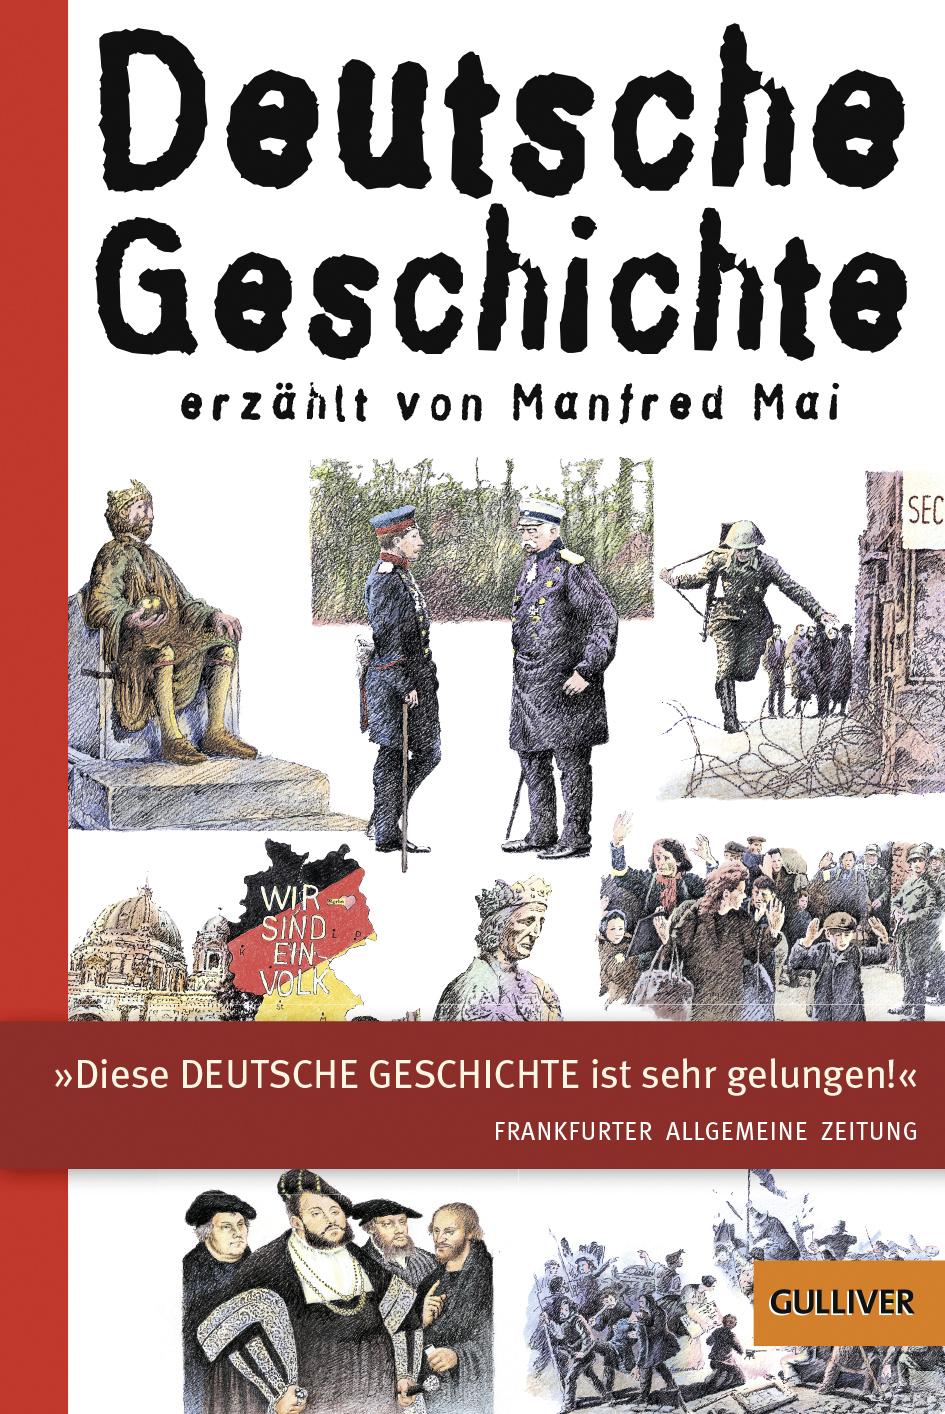 Deutsche Geschichte - - Manfred Mai | BELTZ